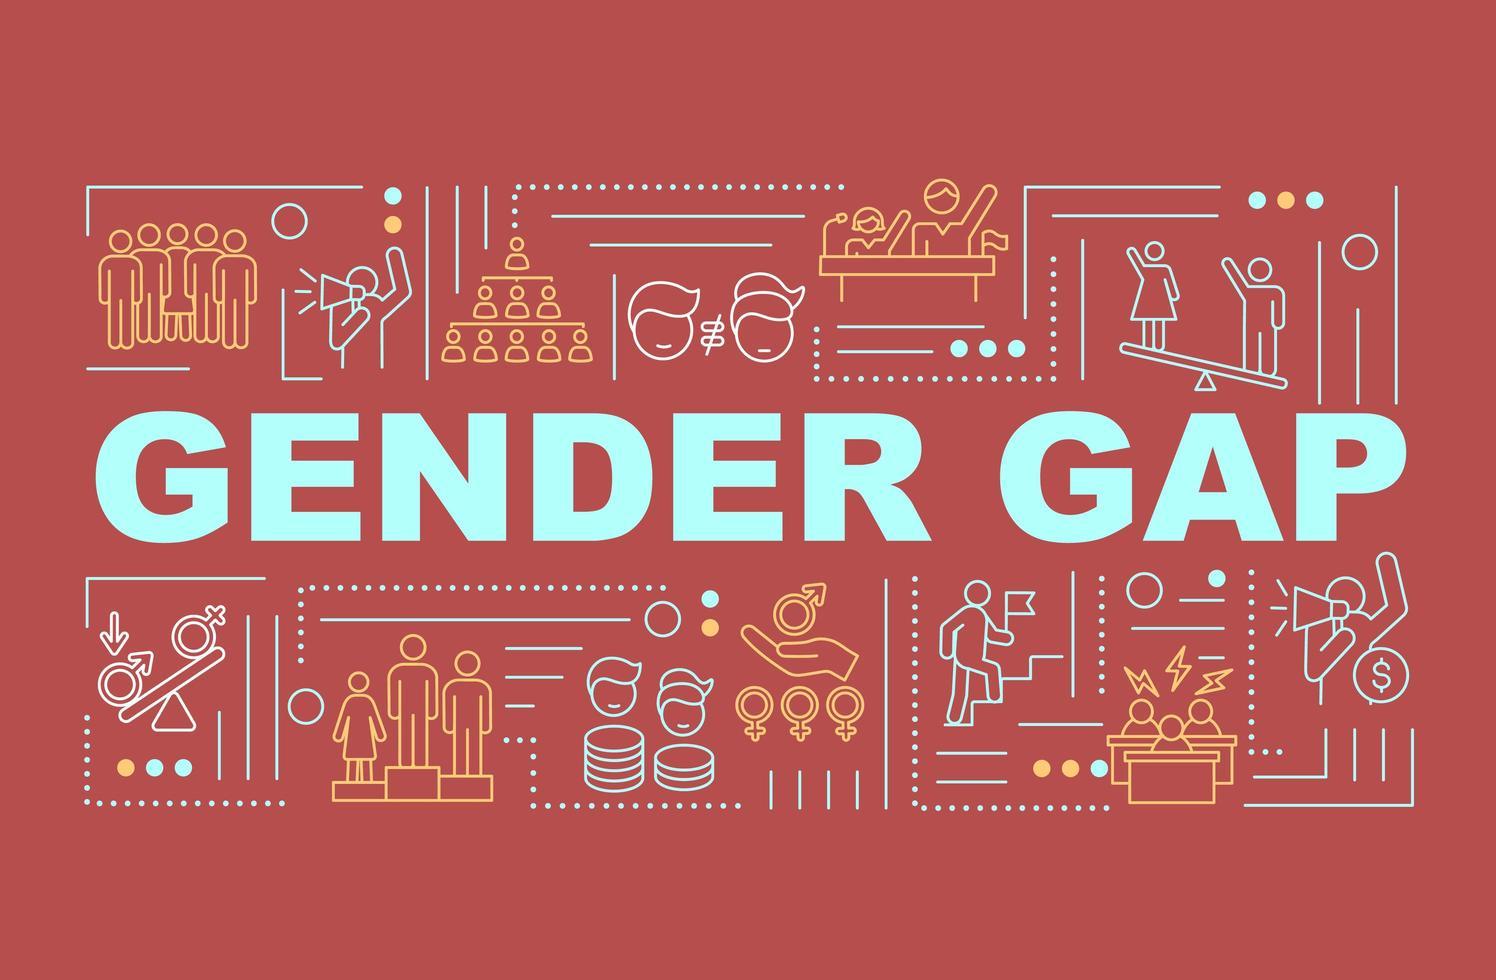 geschlechtsspezifische Kluft in Wortkonzepten am Arbeitsplatz Banner vektor